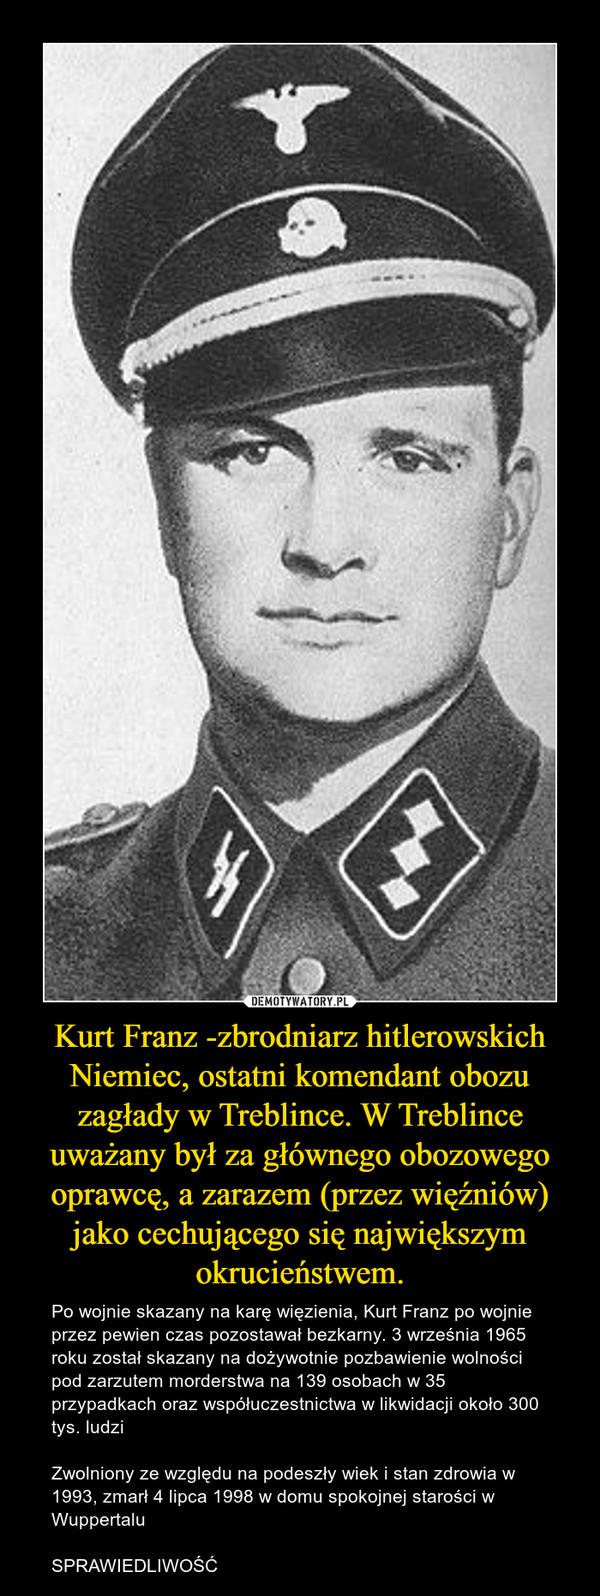 Kurt Franz -zbrodniarz hitlerowskich Niemiec, ostatni komendant obozu zagłady w Treblince. W Treblince uważany był za głównego obozowego oprawcę, a zarazem (przez więźniów) jako cechującego się największym okrucieństwem. – Po wojnie skazany na karę więzienia, Kurt Franz po wojnie przez pewien czas pozostawał bezkarny. 3 września 1965 roku został skazany na dożywotnie pozbawienie wolności pod zarzutem morderstwa na 139 osobach w 35 przypadkach oraz współuczestnictwa w likwidacji około 300 tys. ludziZwolniony ze względu na podeszły wiek i stan zdrowia w 1993, zmarł 4 lipca 1998 w domu spokojnej starości w WuppertaluSPRAWIEDLIWOŚĆ